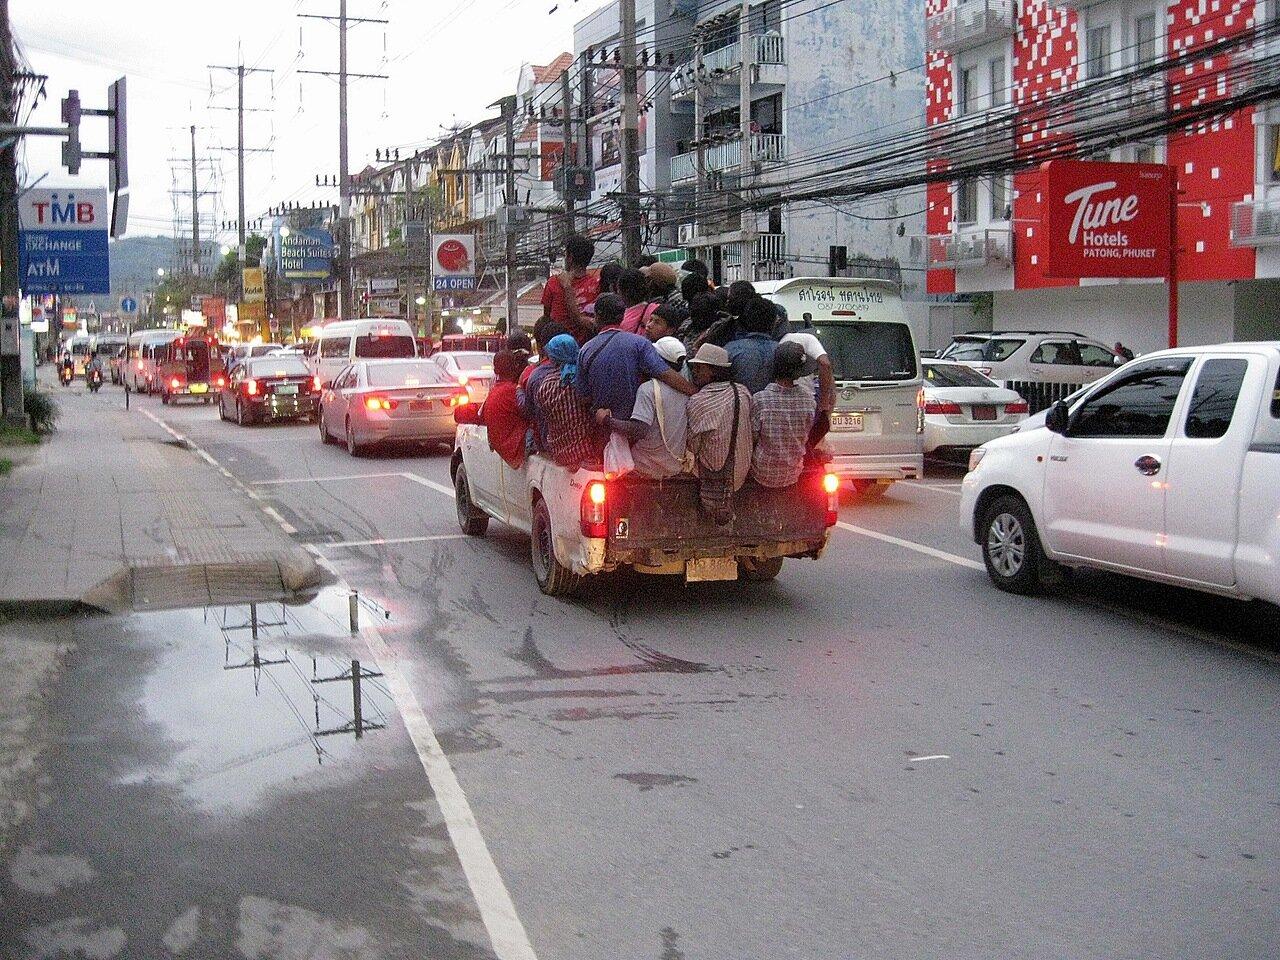 Патонг, Таиланд, строителей везут на работу как сельдей в банке - владелец фото http://www.netzim.ru/